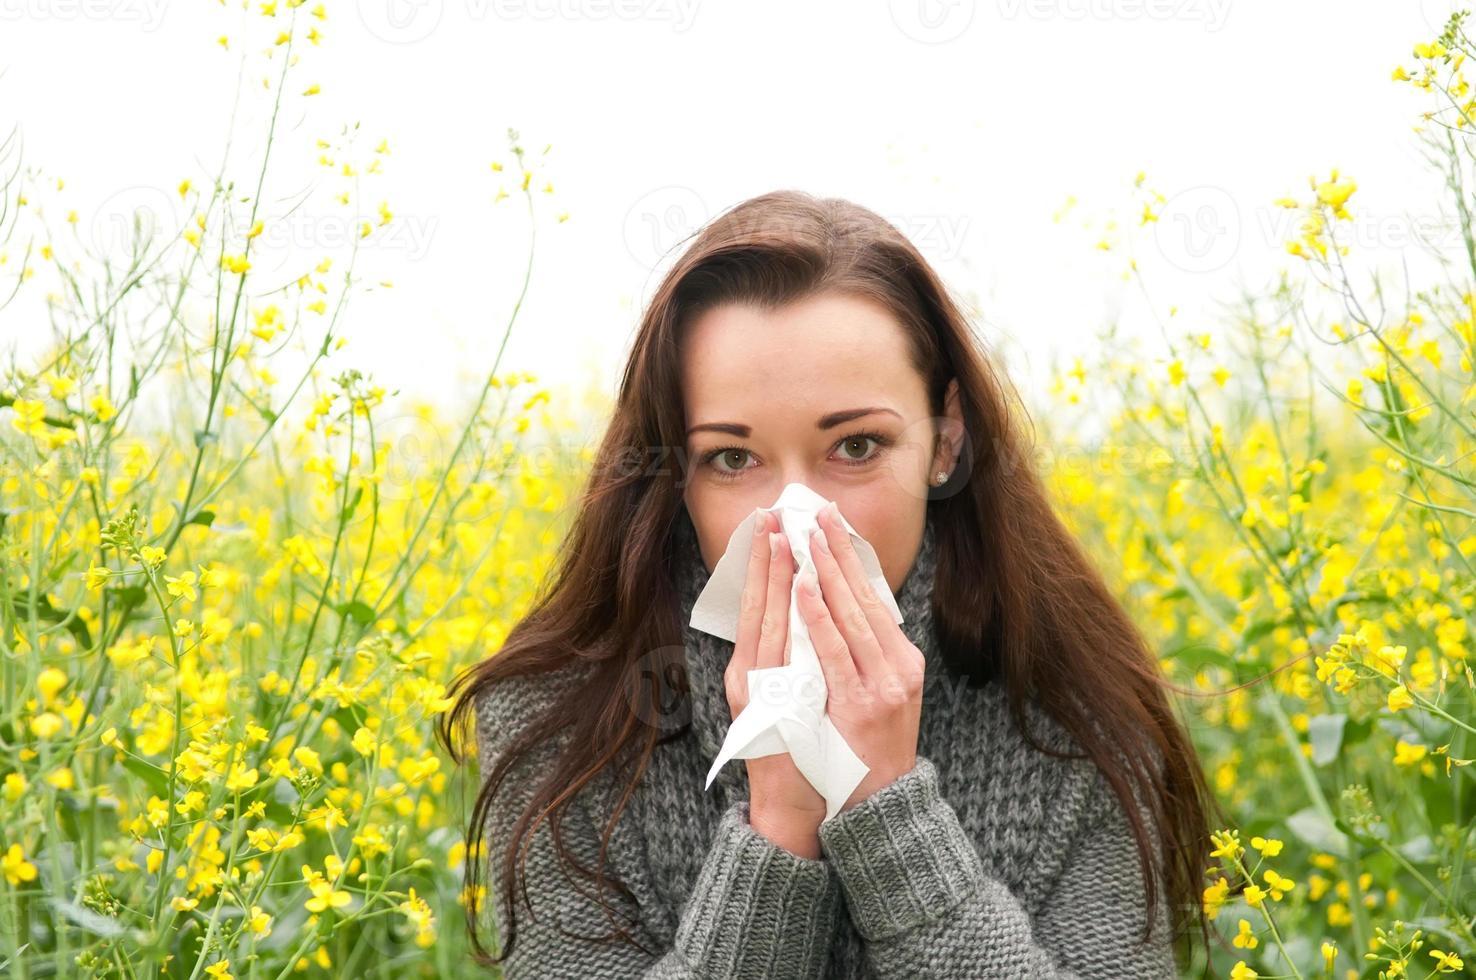 vrouw neus blazen in een veld van bloemen foto